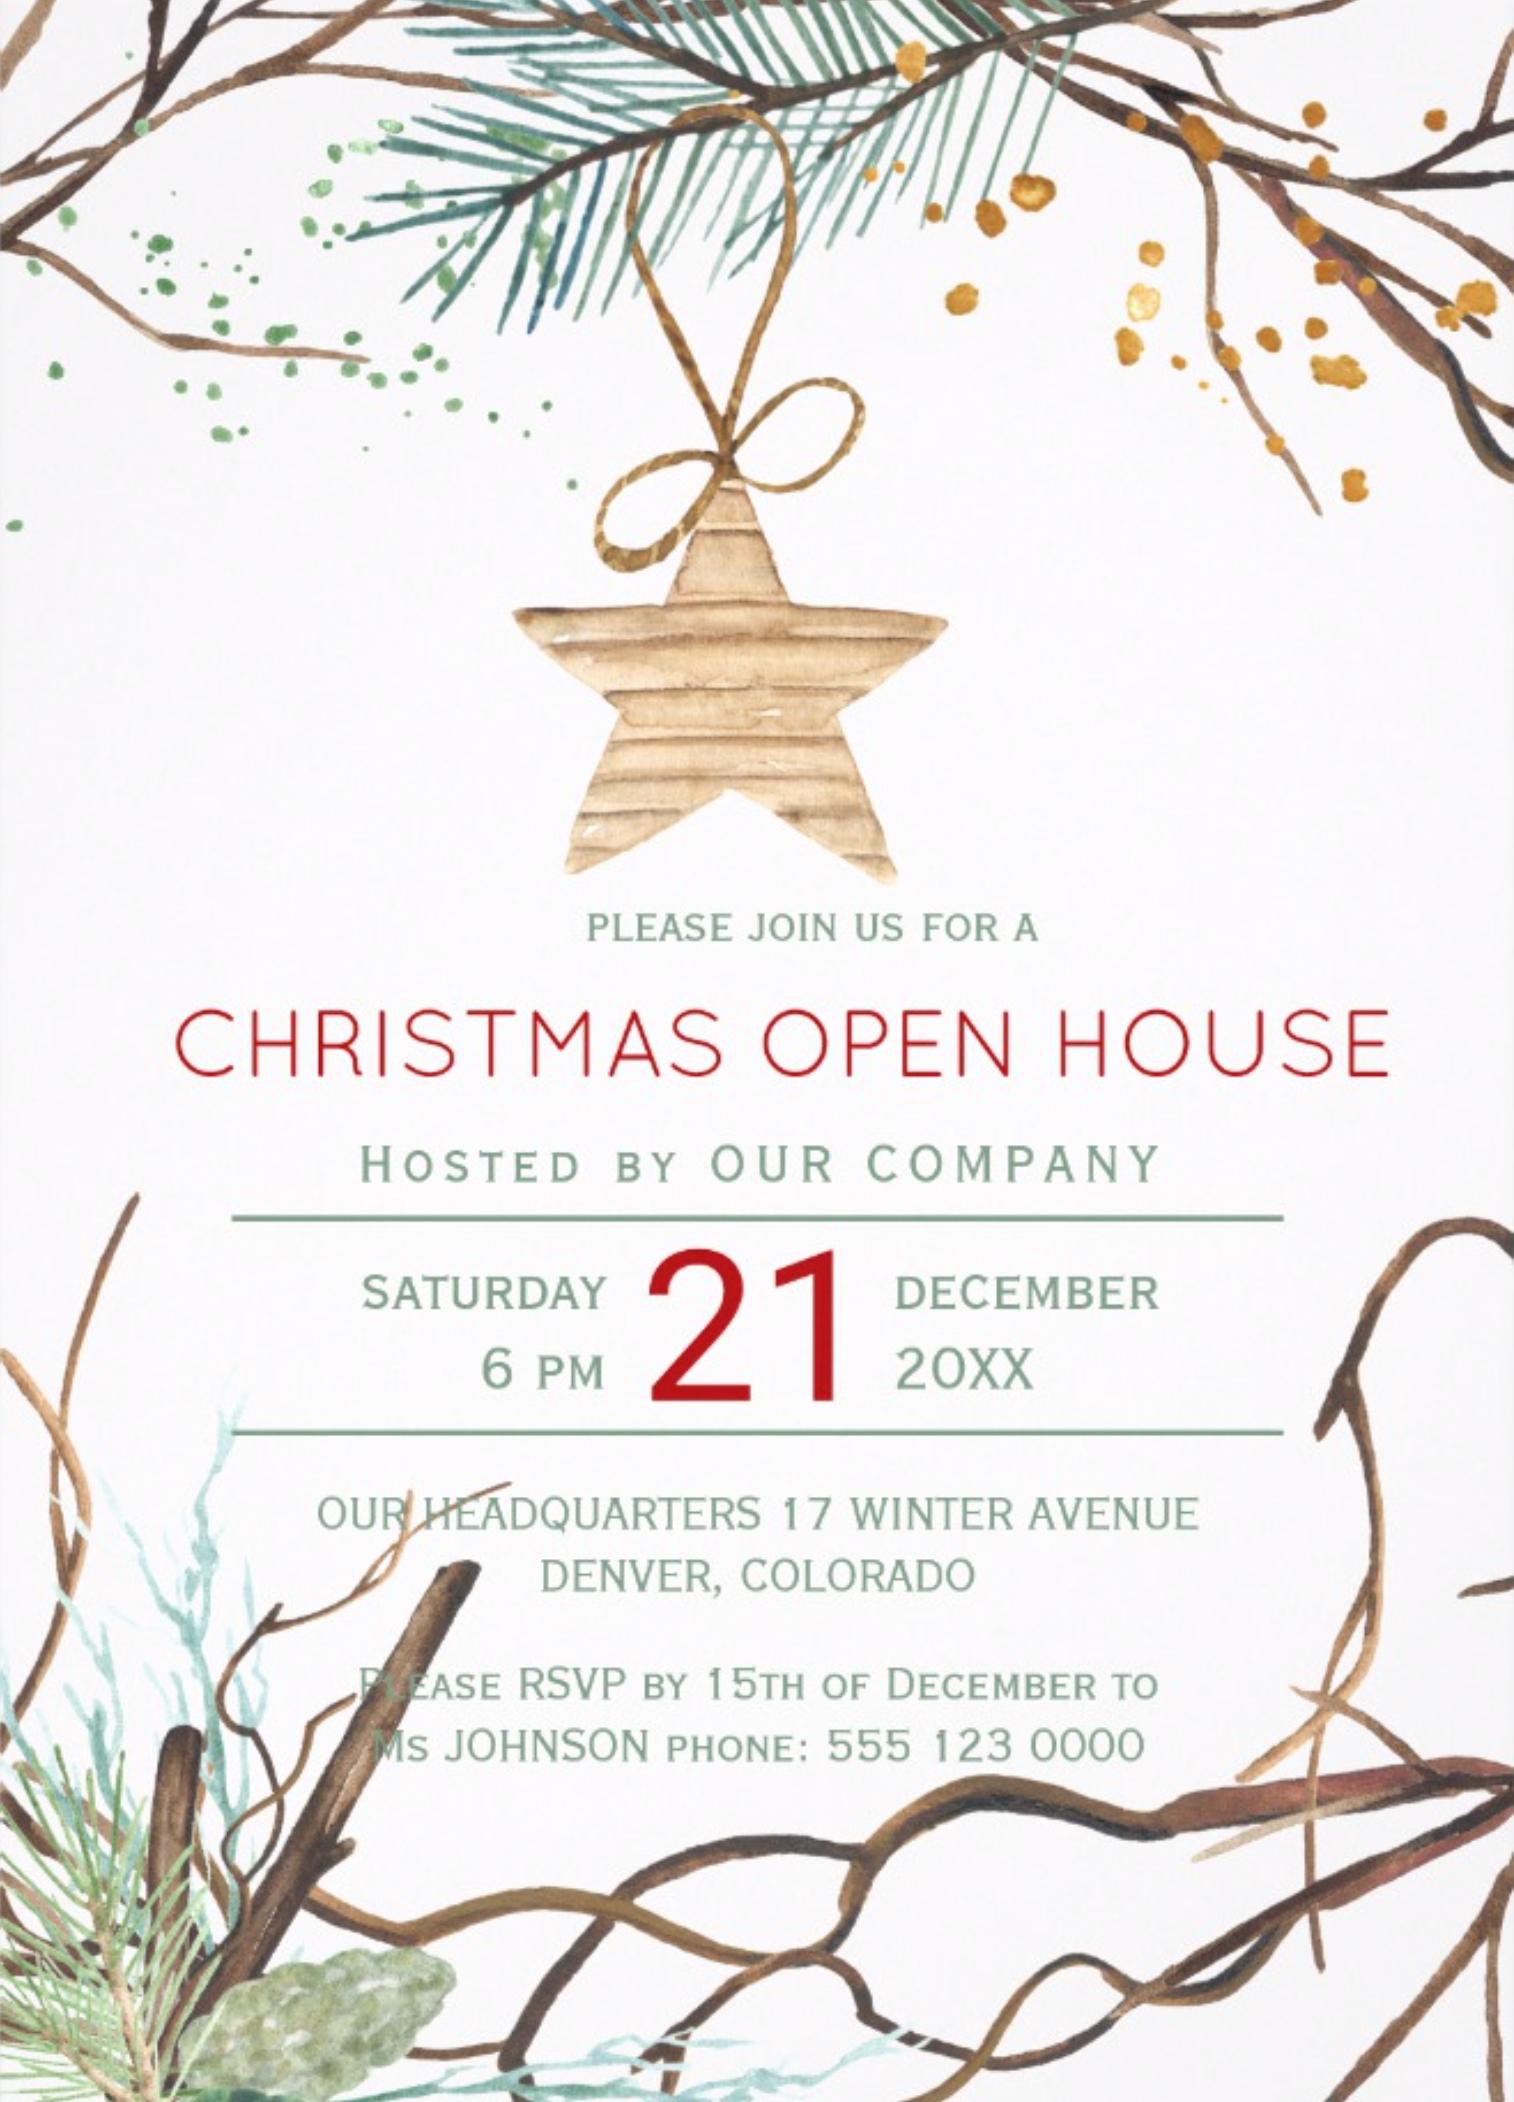 White House Christmas Open House 2020 Modern winter wood branches Christmas open house Invitation